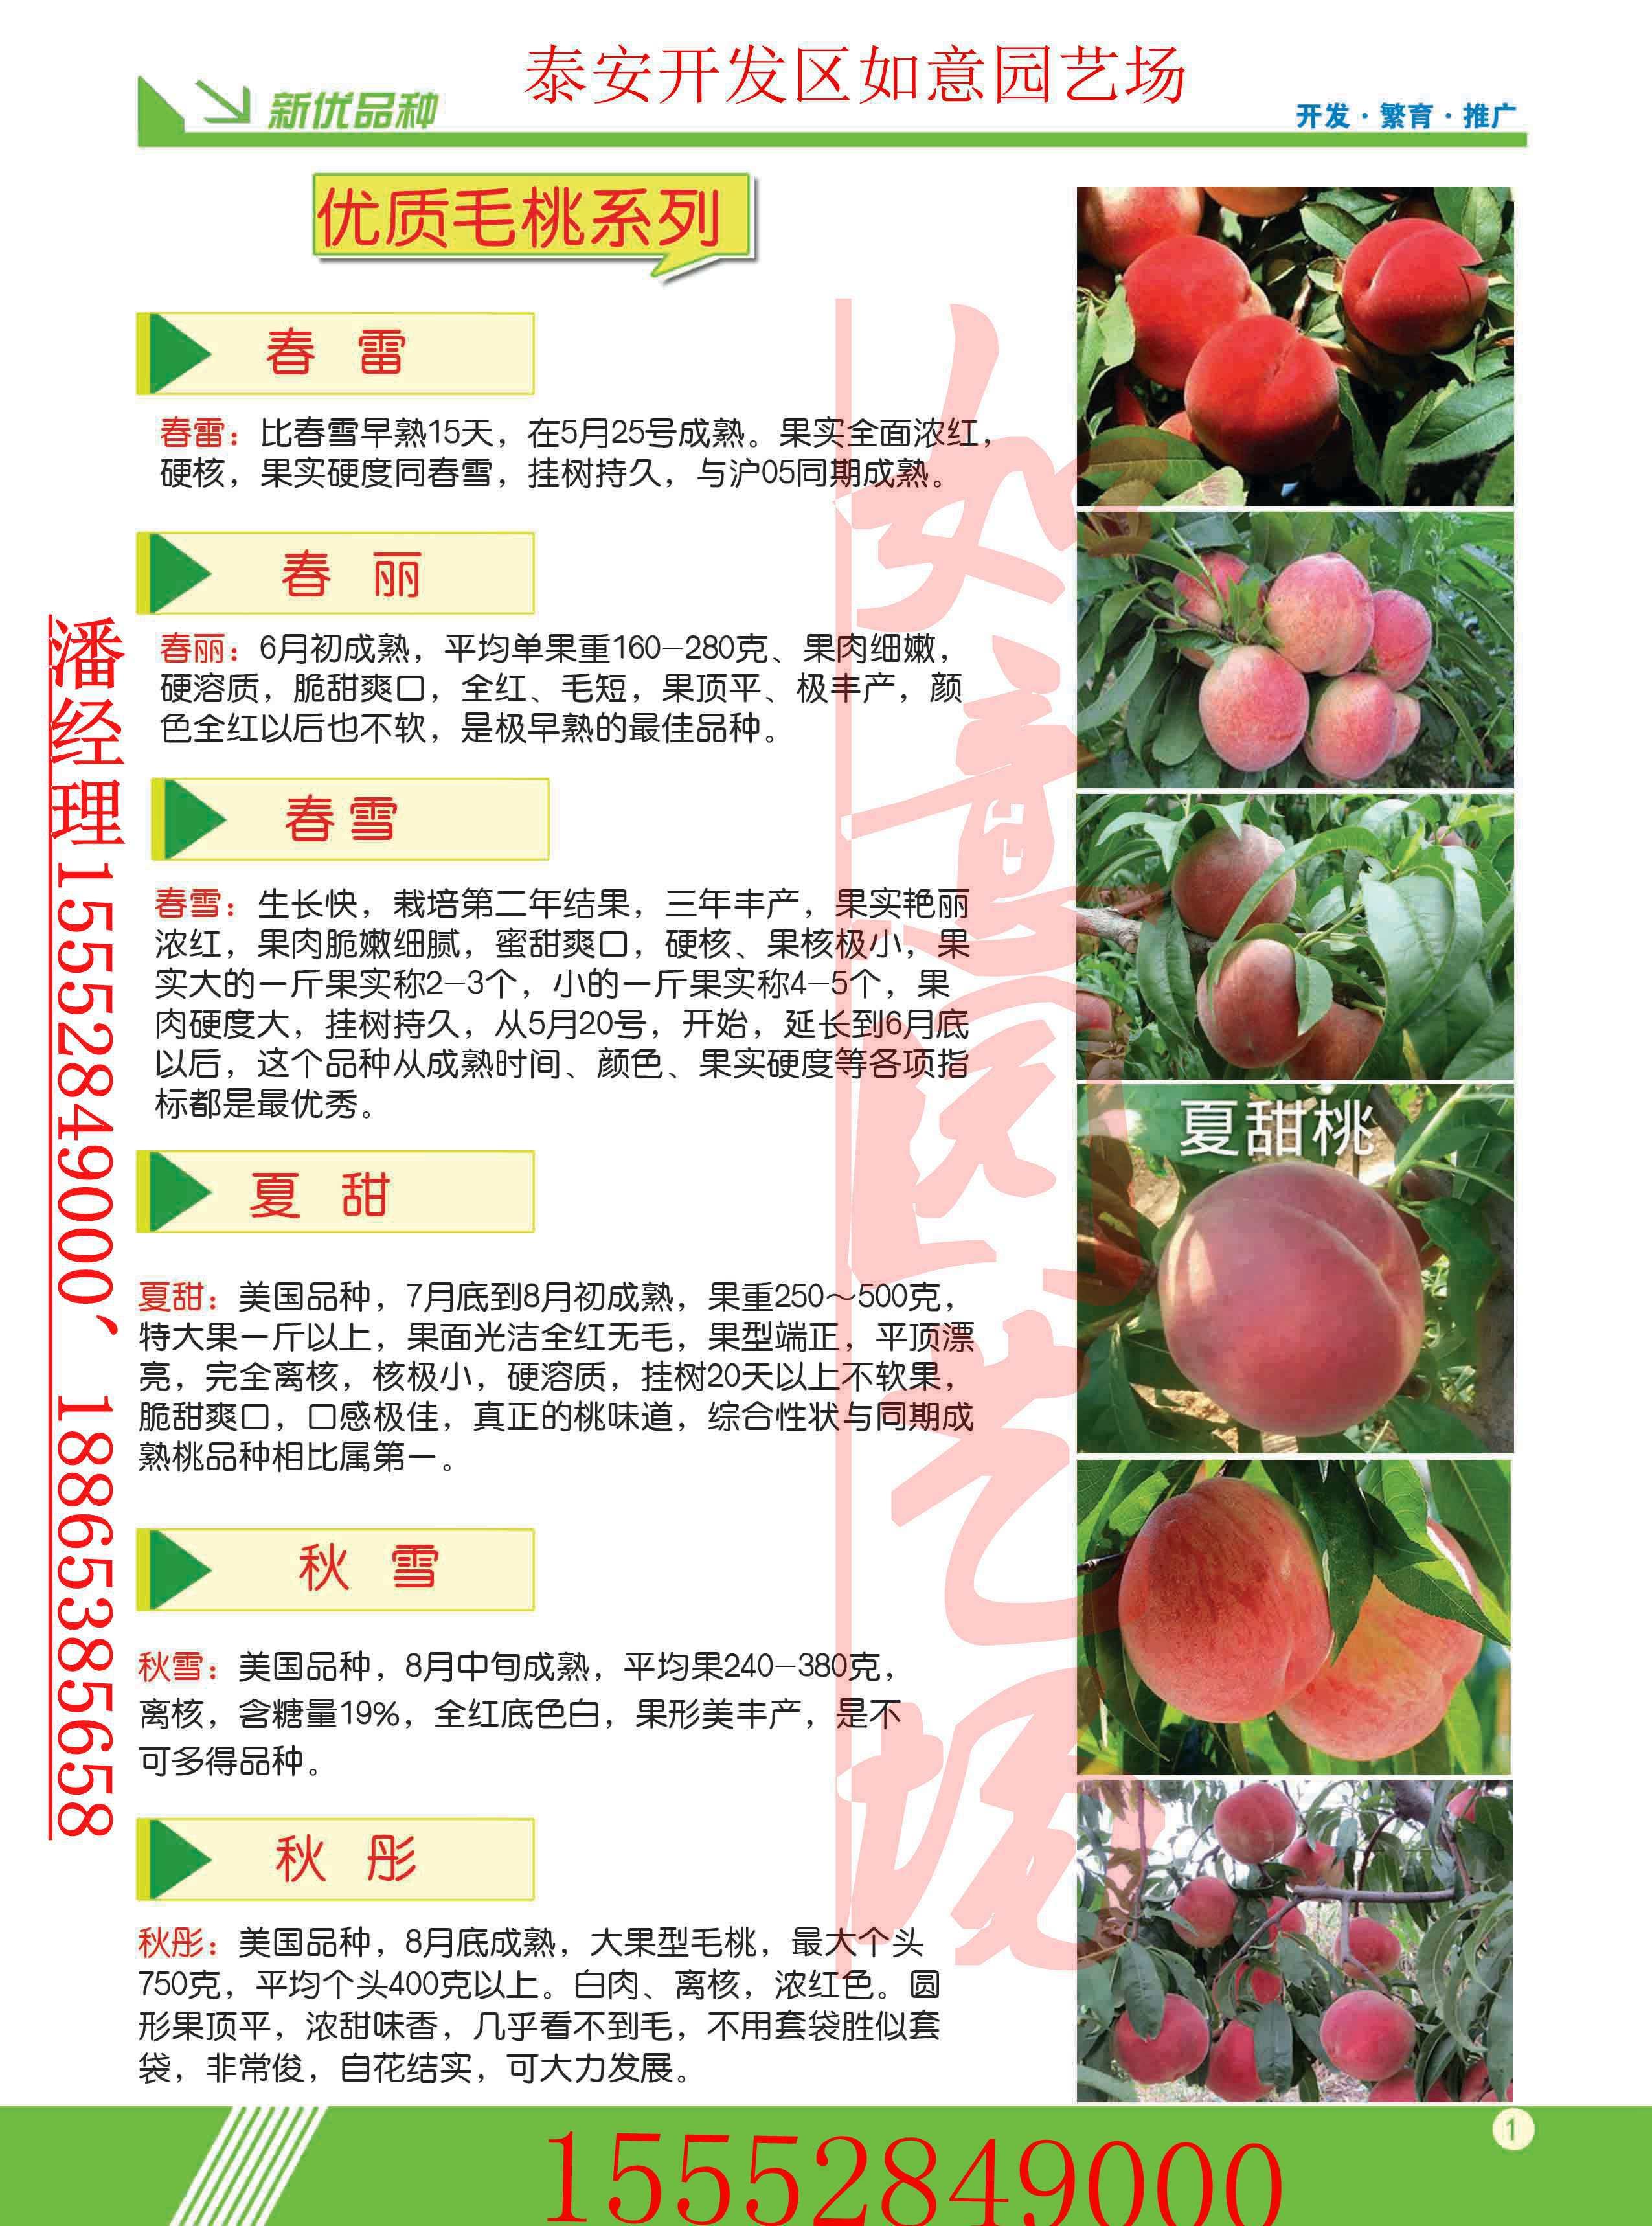 甘肃藤牧一号苹果苗基地